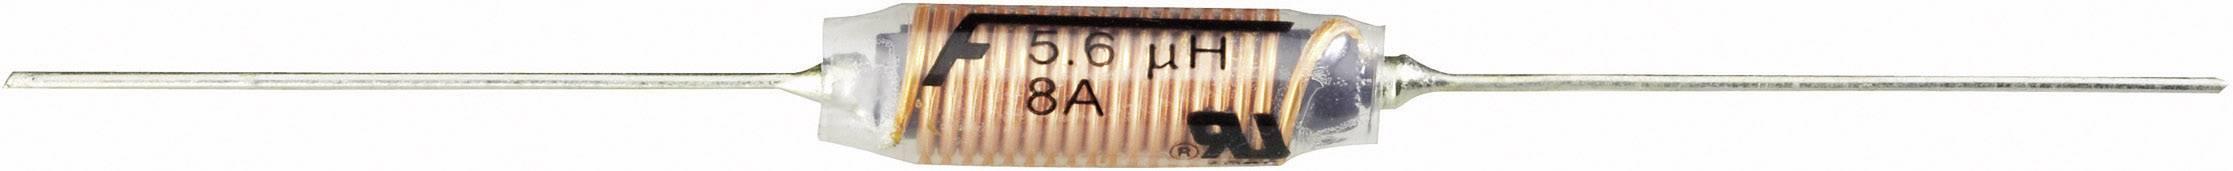 Tlmivka axiálne vývody Fastron 77A-3R9M-00, 3.9 µH, 12 A, 10 %, 1 ks